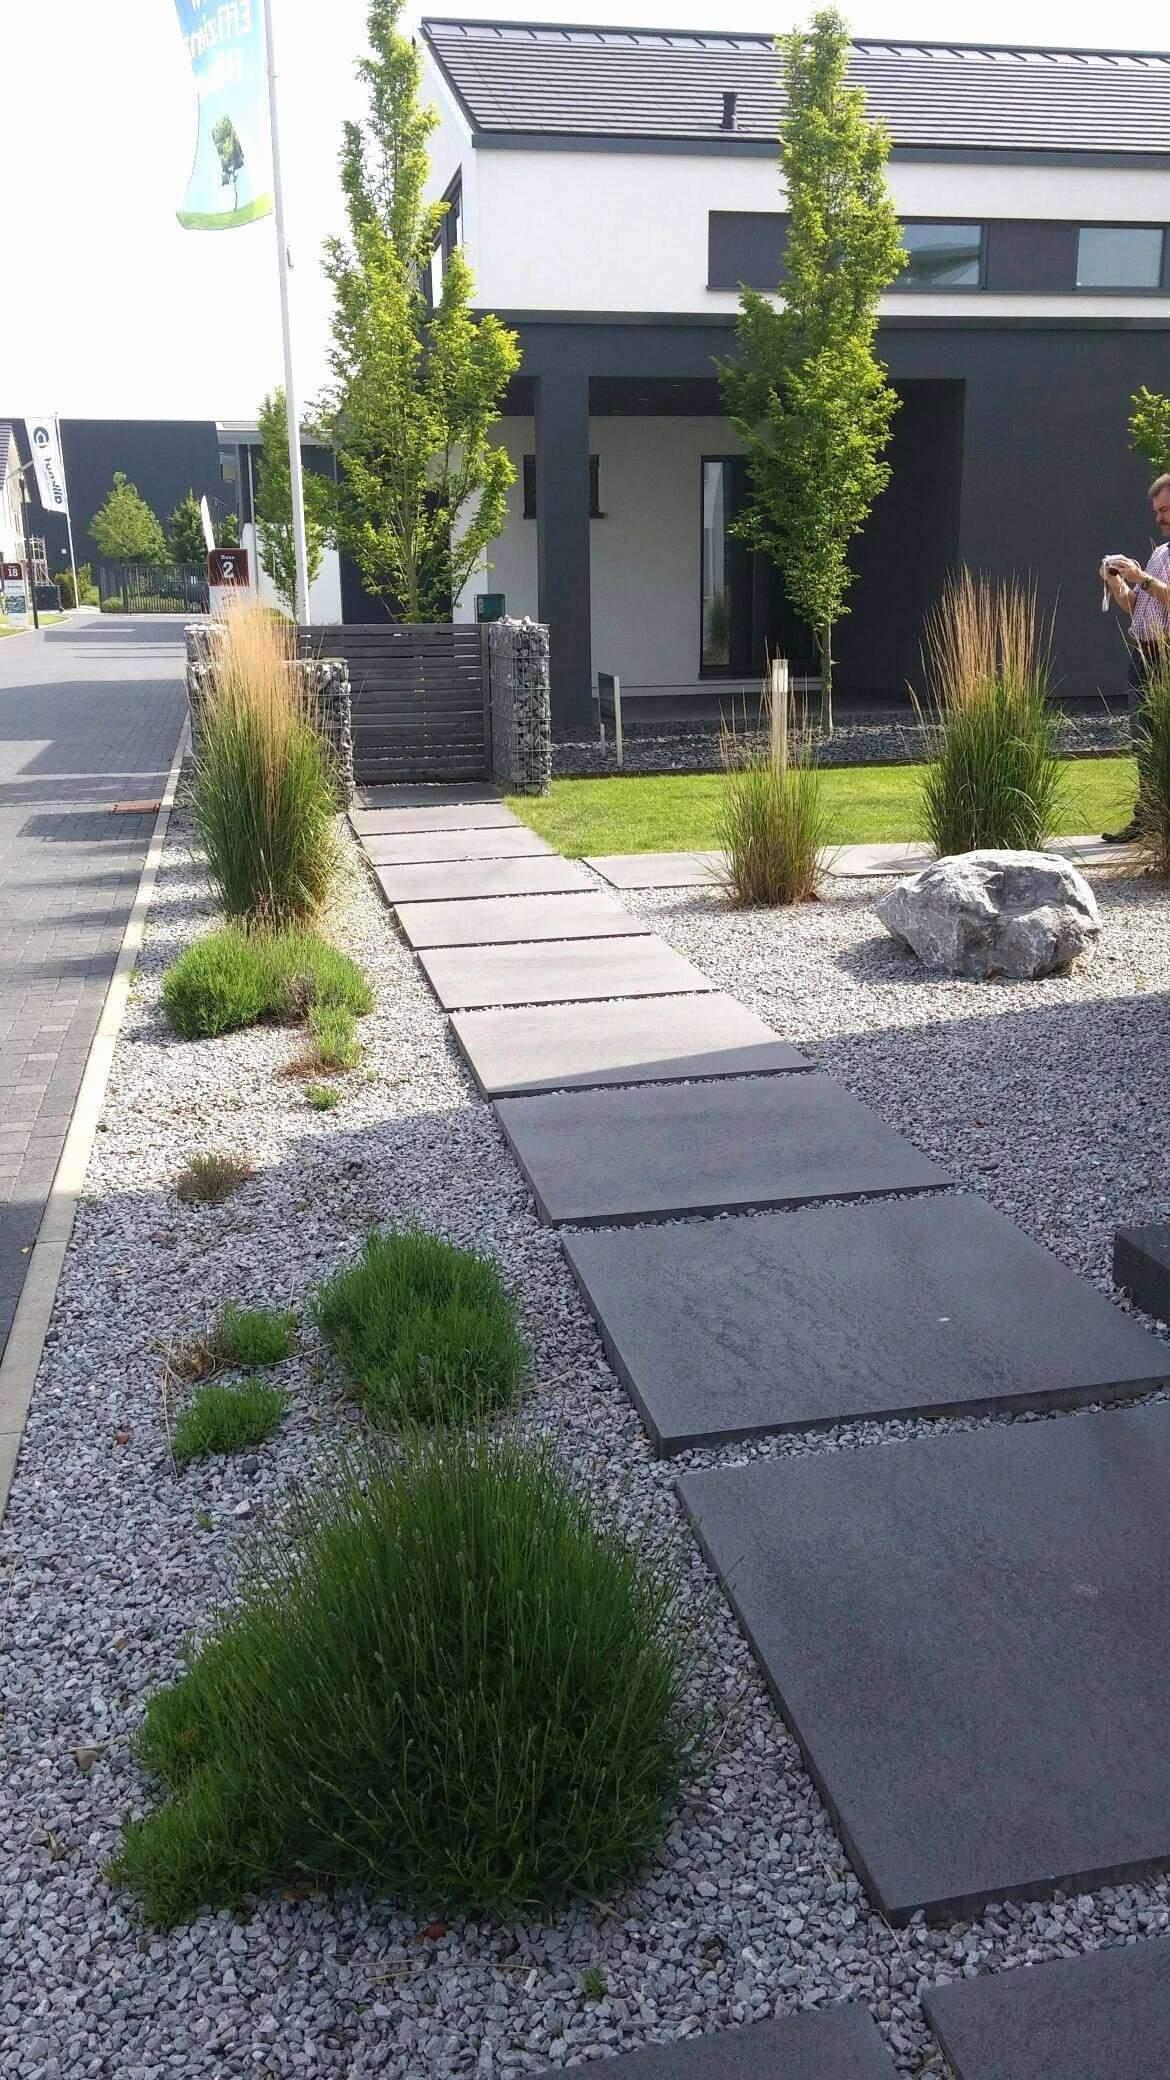 Teich Ideen Garten Neu 26 Genial Garten Modern Gestalten Einzigartig